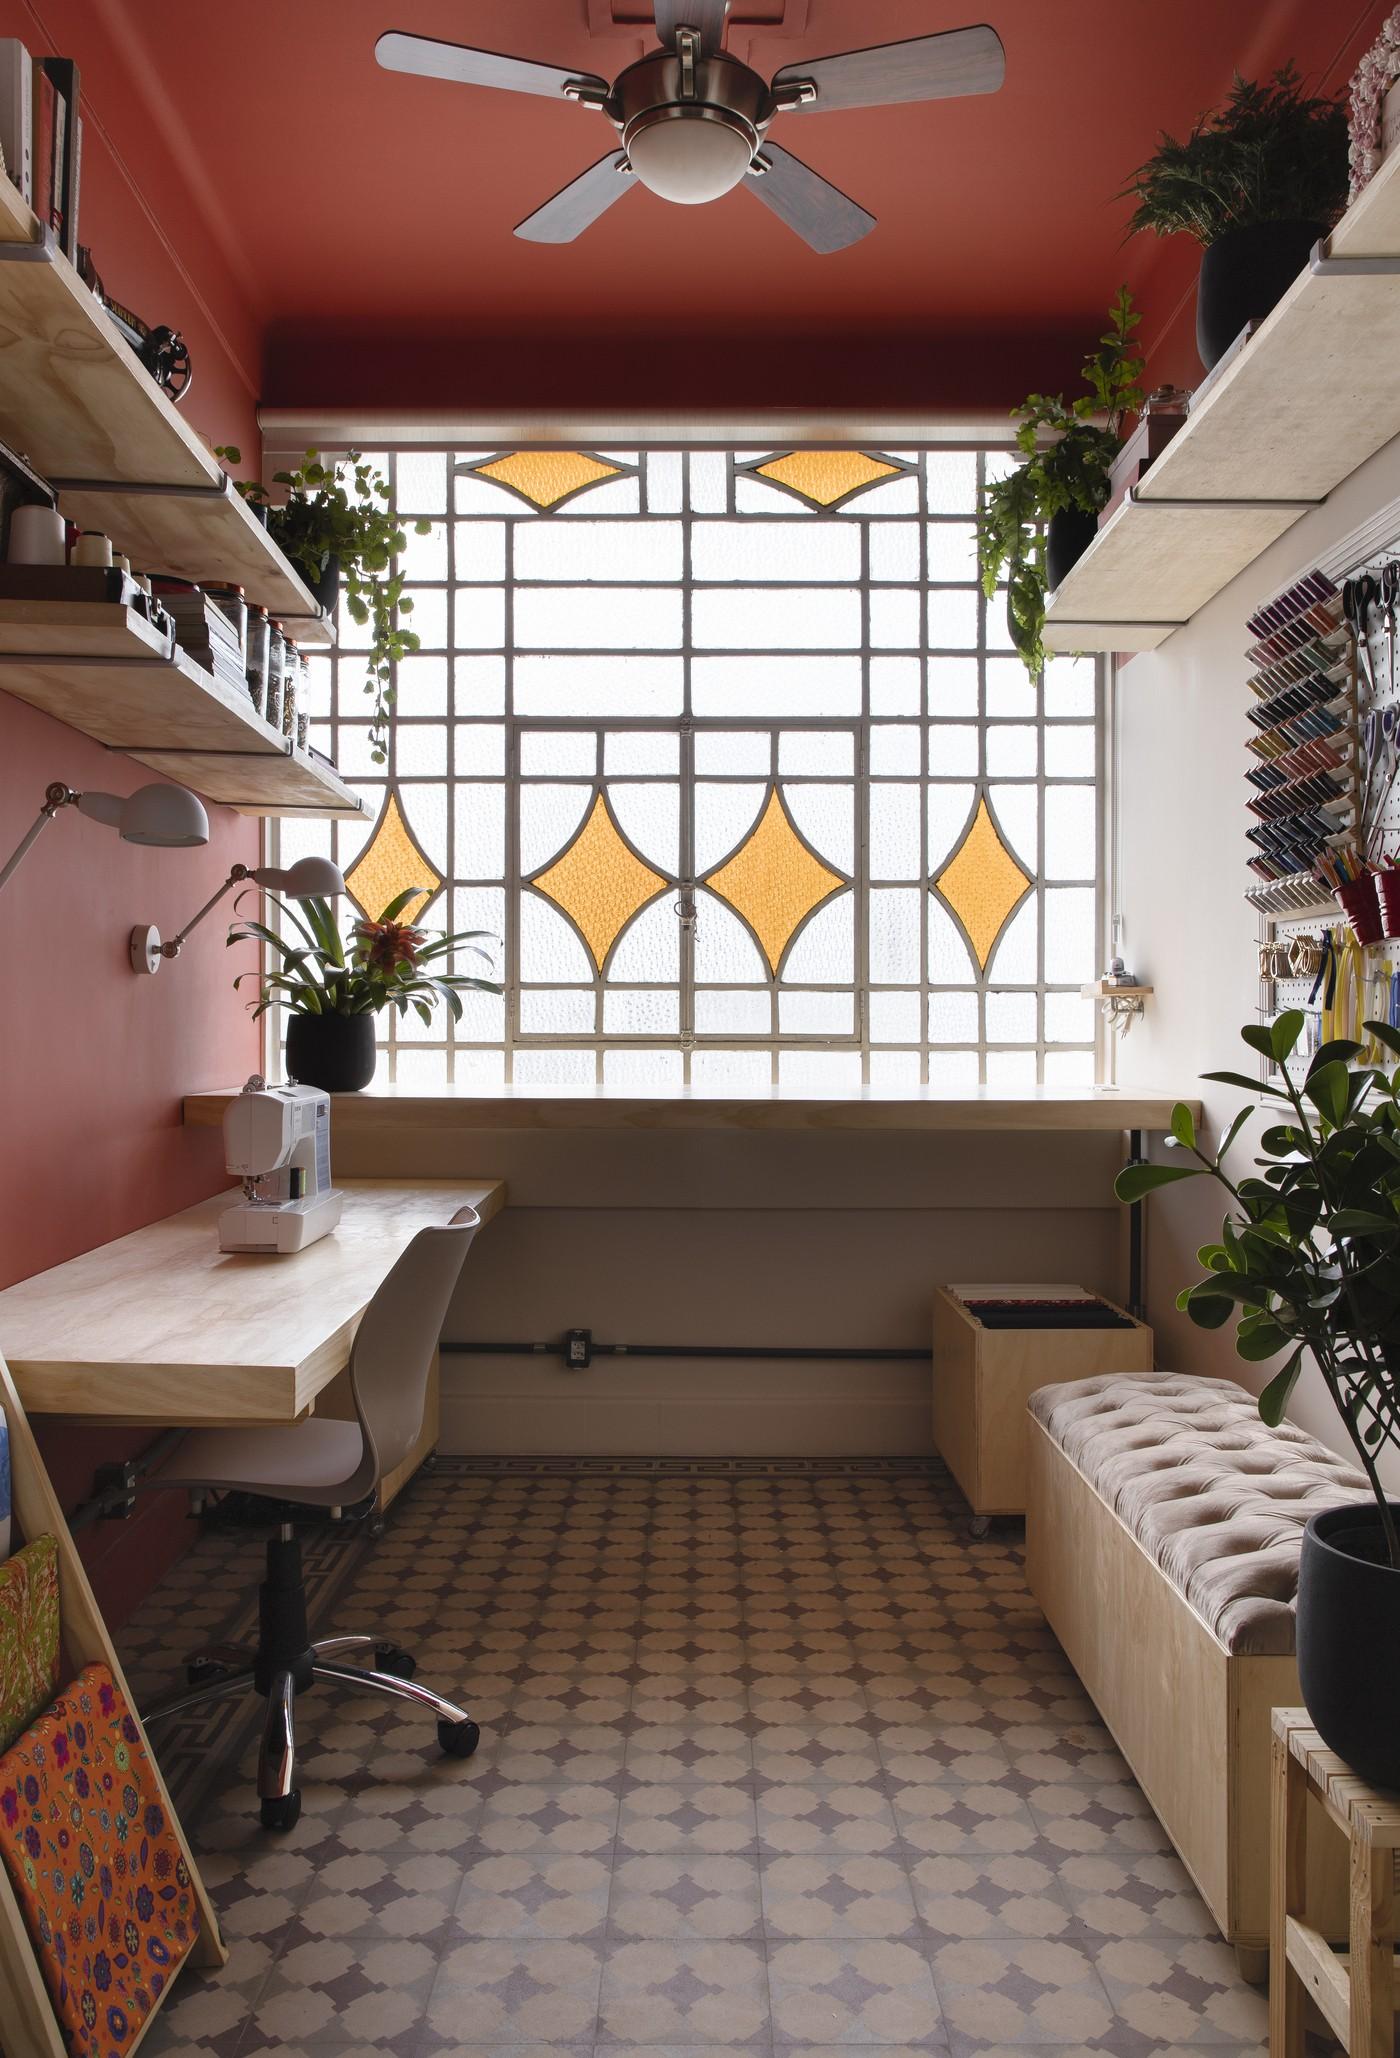 Décor do dia: ateliê de costura com parede colorida e clima vintage (Foto: Carolina Mossin)